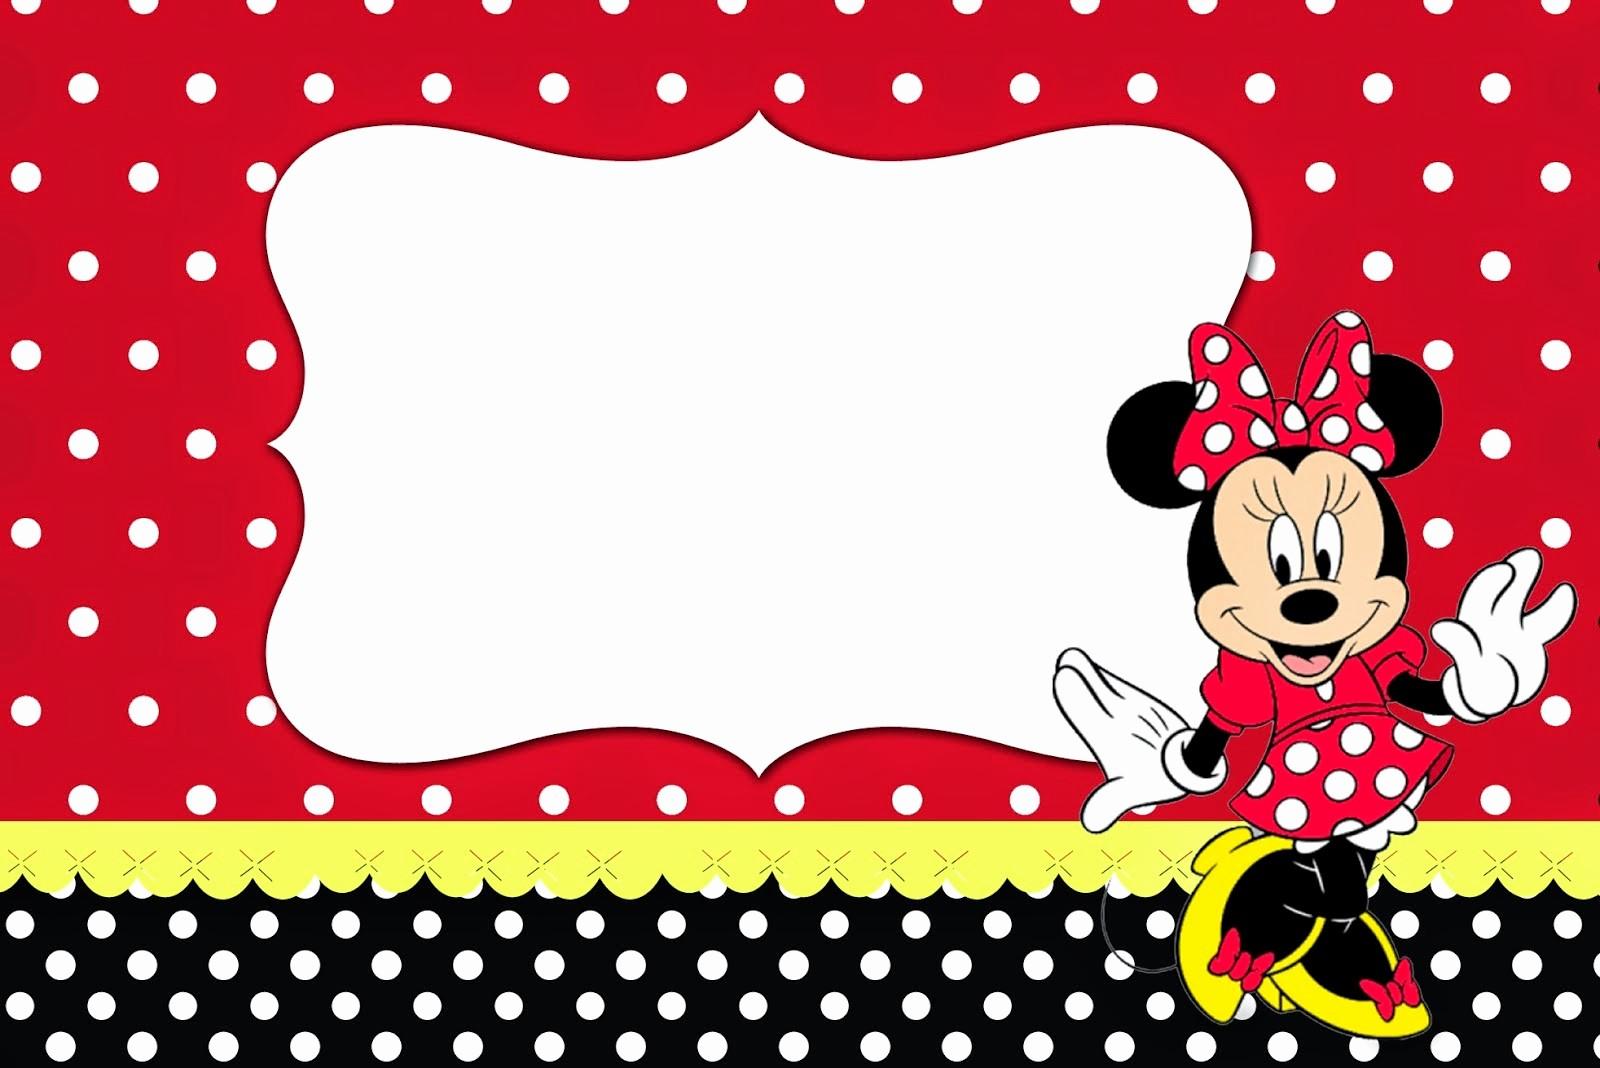 Plantillas De Cumpleaños Para Editar Awesome Ronycreativa Blog De Manualidades Fiesta De Minnie Mouse